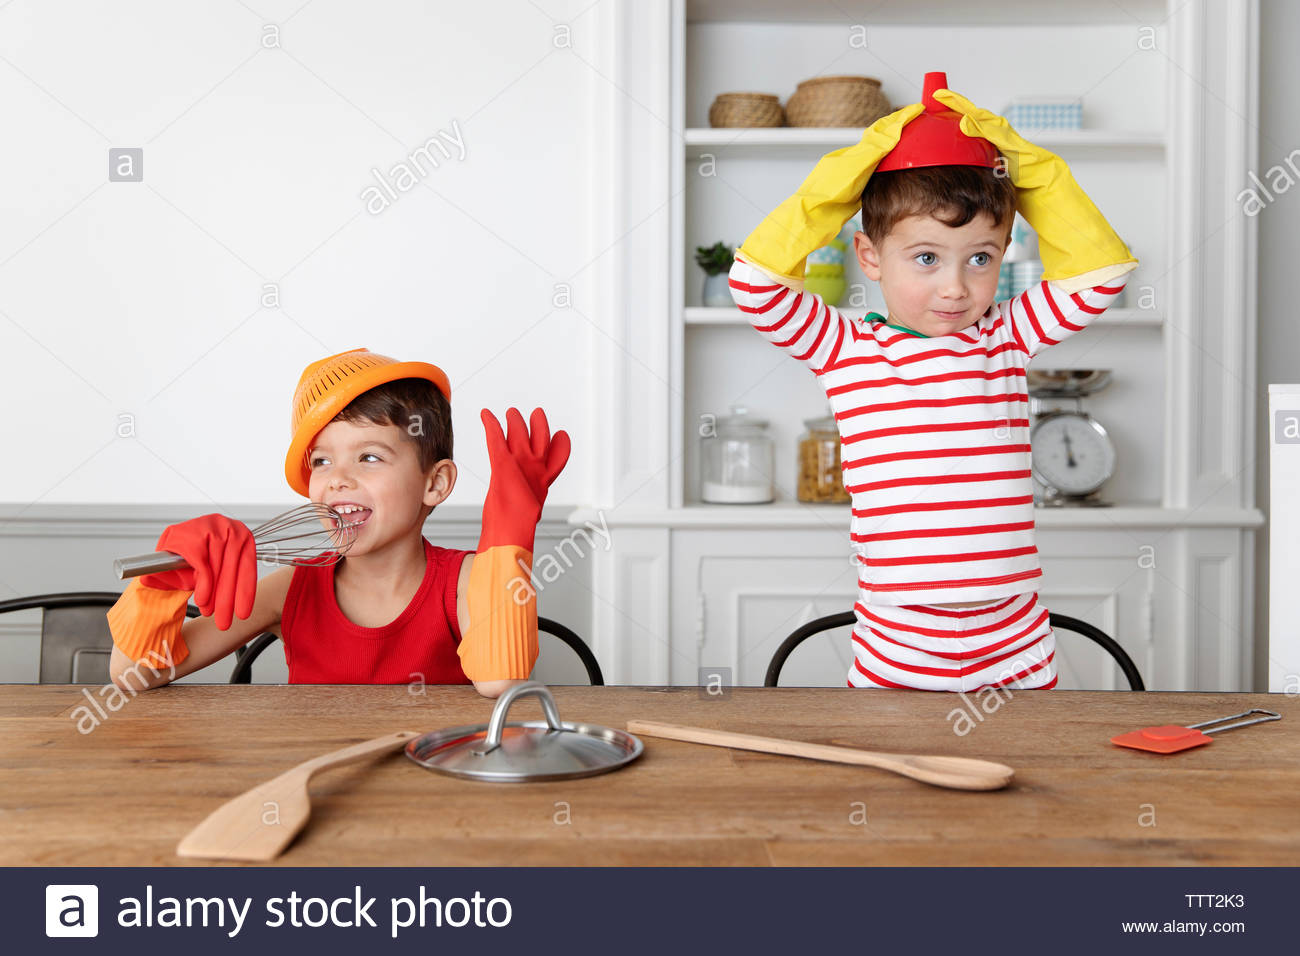 Goofy Jungen spielen mit Arbeitsgeräte in der Küche Stockfoto